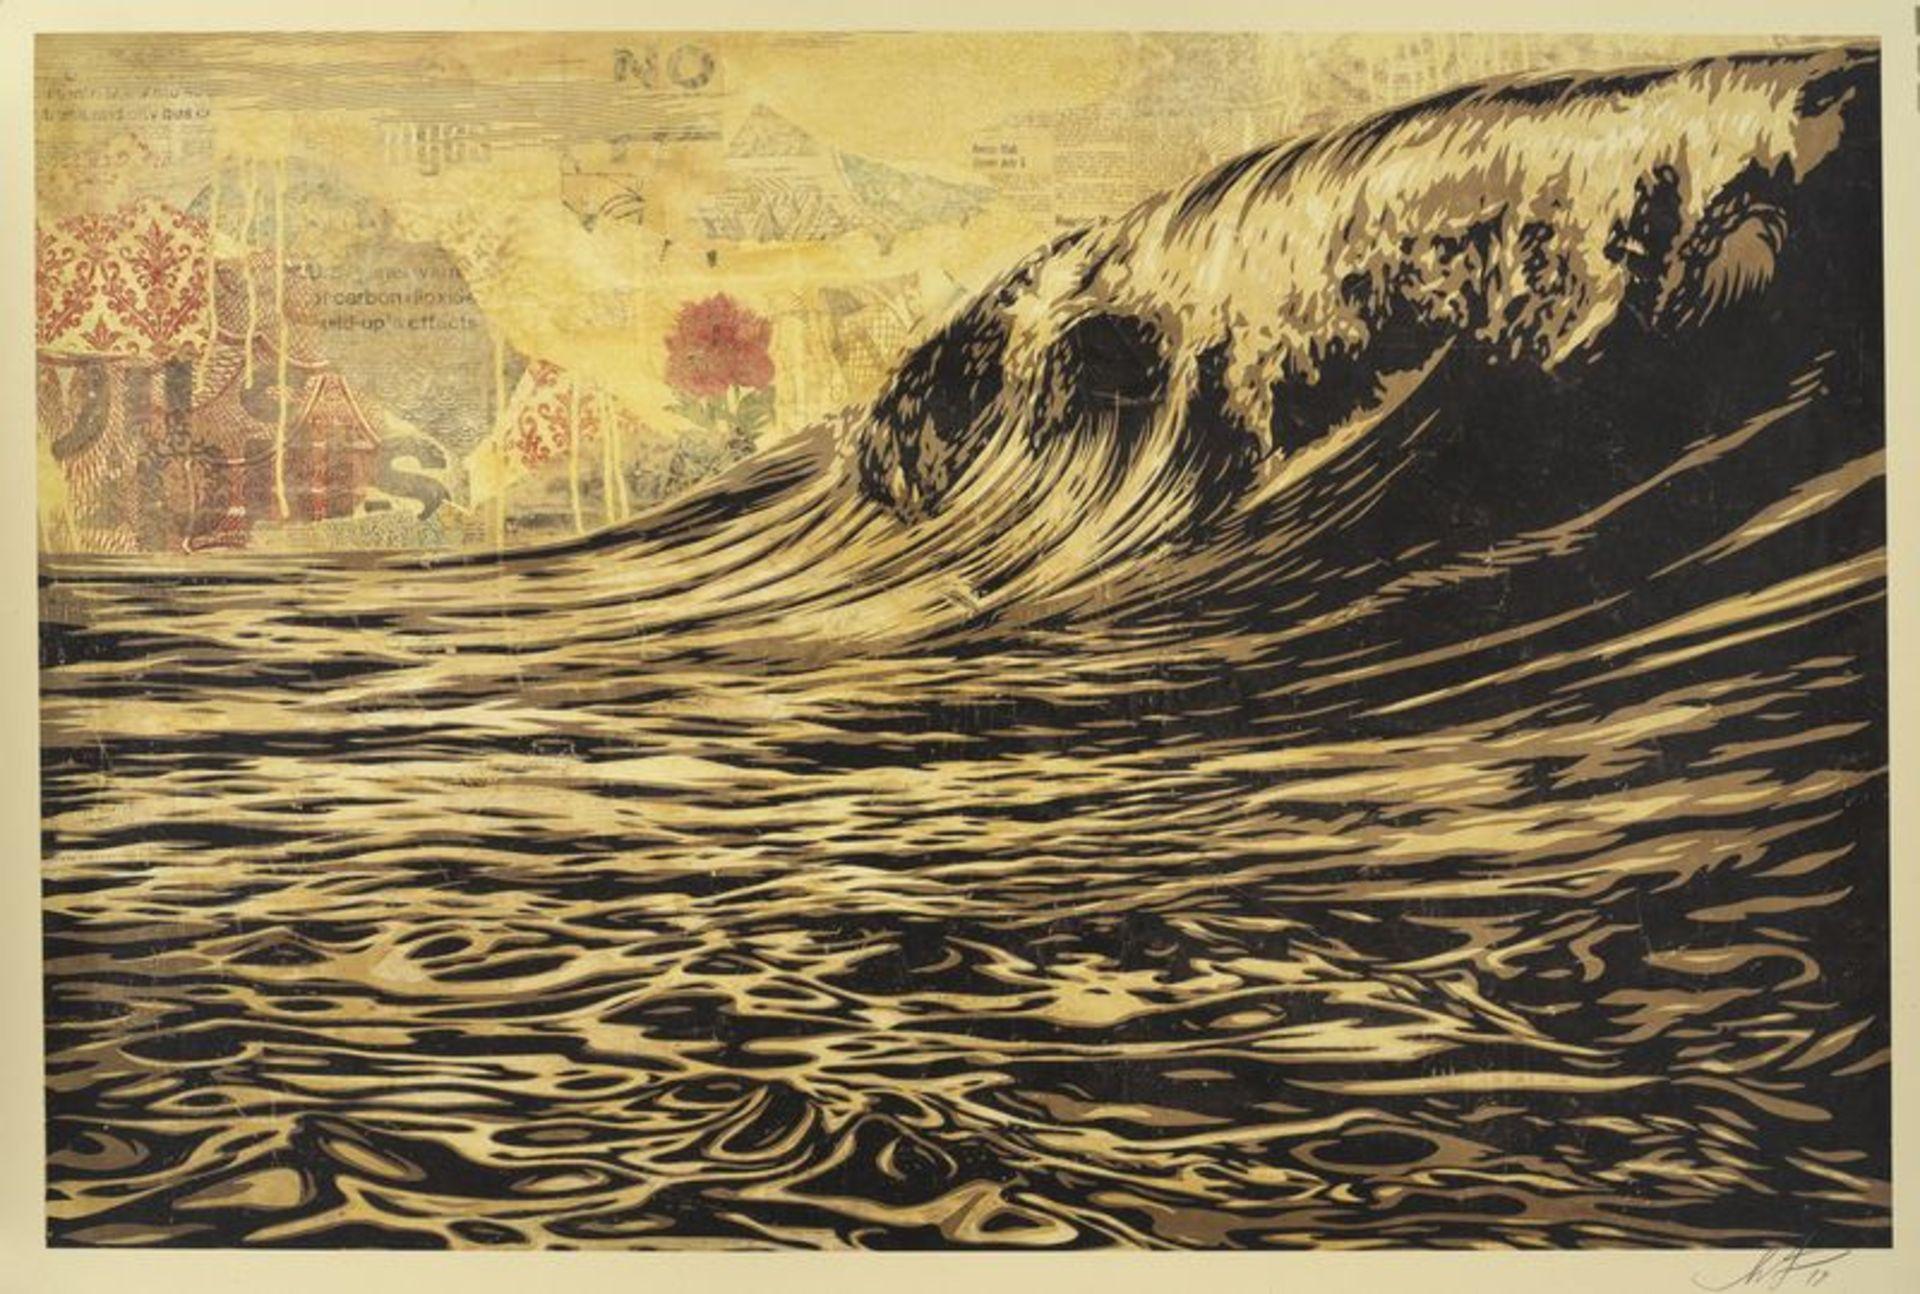 Los 1 - OBEY (1970) - Dark wave- lithographie signée en bas à droite et datée (19)19 - [...]